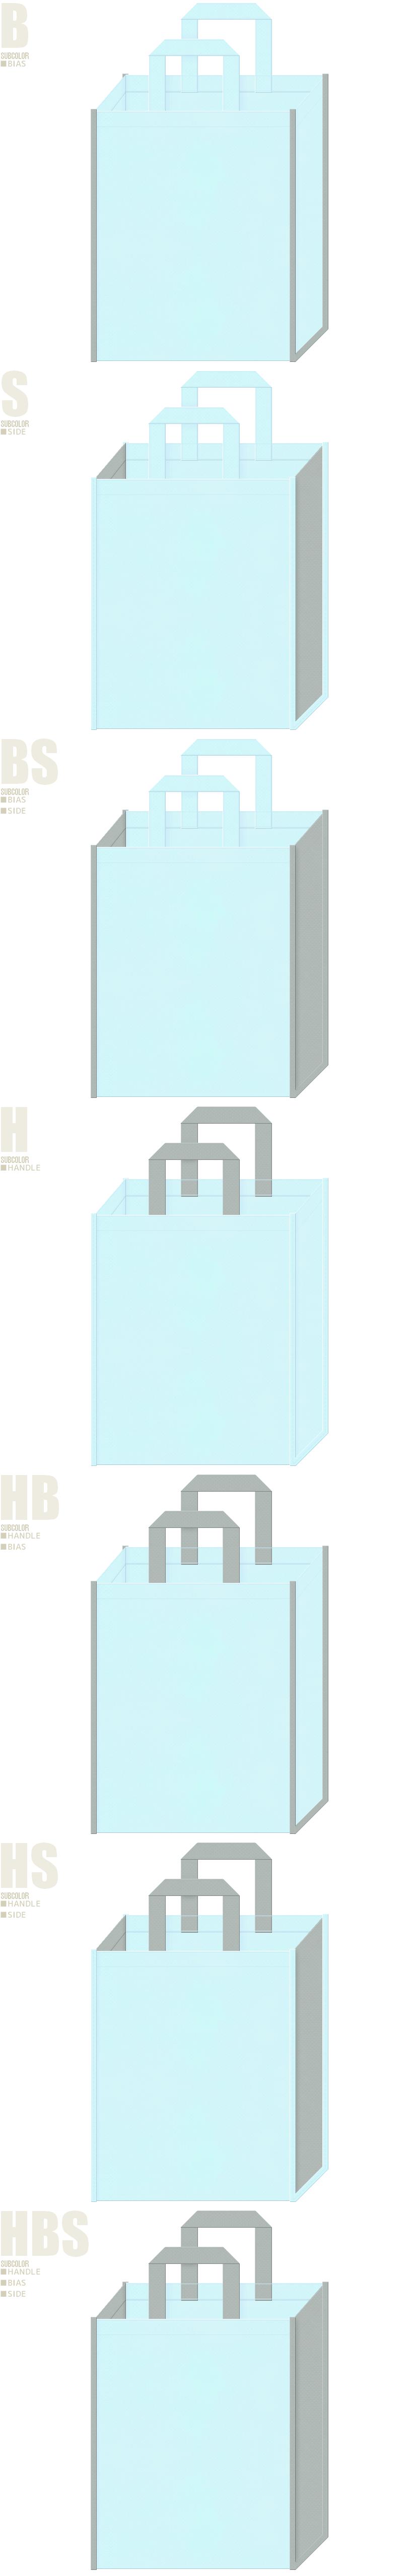 給排水設備の展示会用バッグにお奨めの、水色とグレー色-7パターンの不織布トートバッグ配色デザイン例